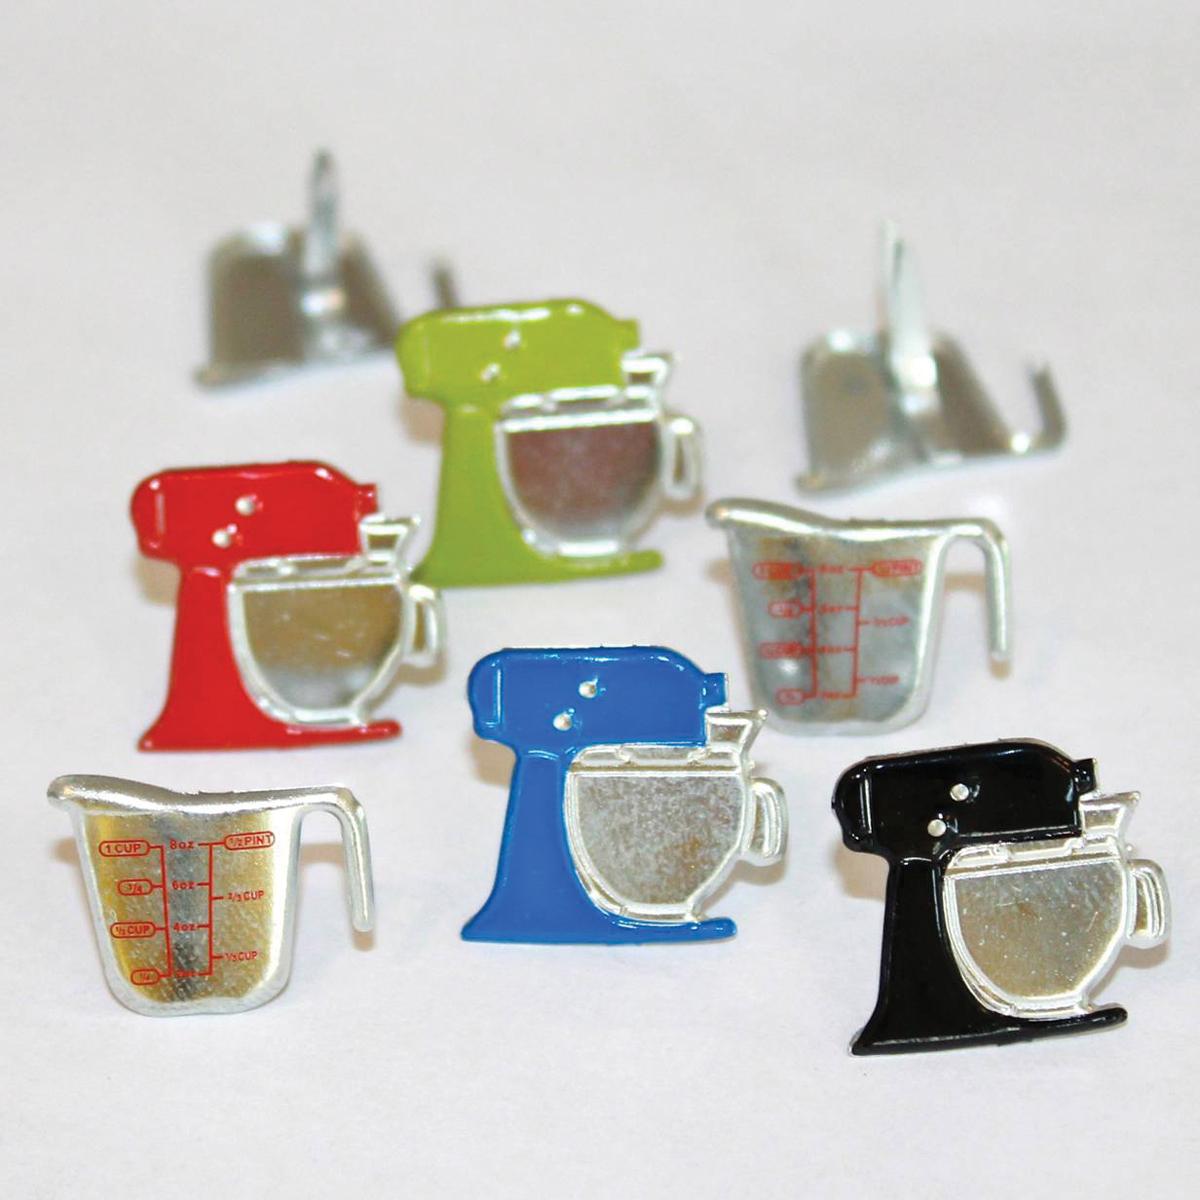 Mixer/Cup Brads